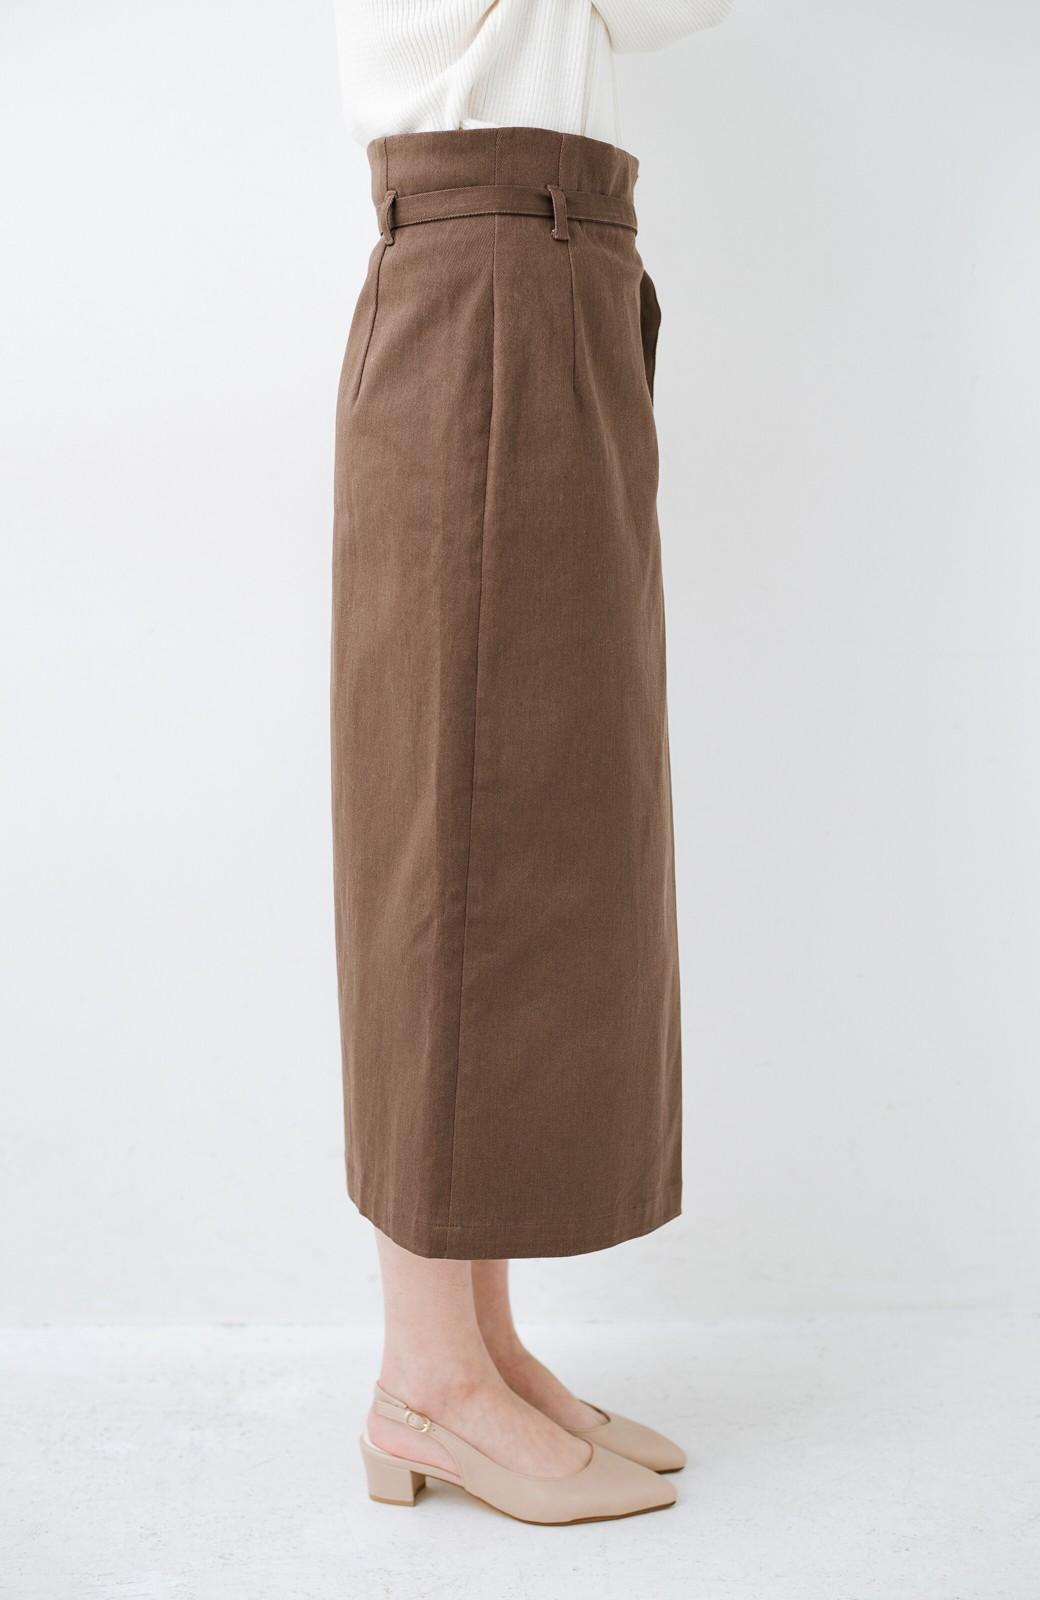 haco! 露出せずとも女っぽい すっきりシルエットが自慢のシンプルタイトスカート <ブラウン>の商品写真8